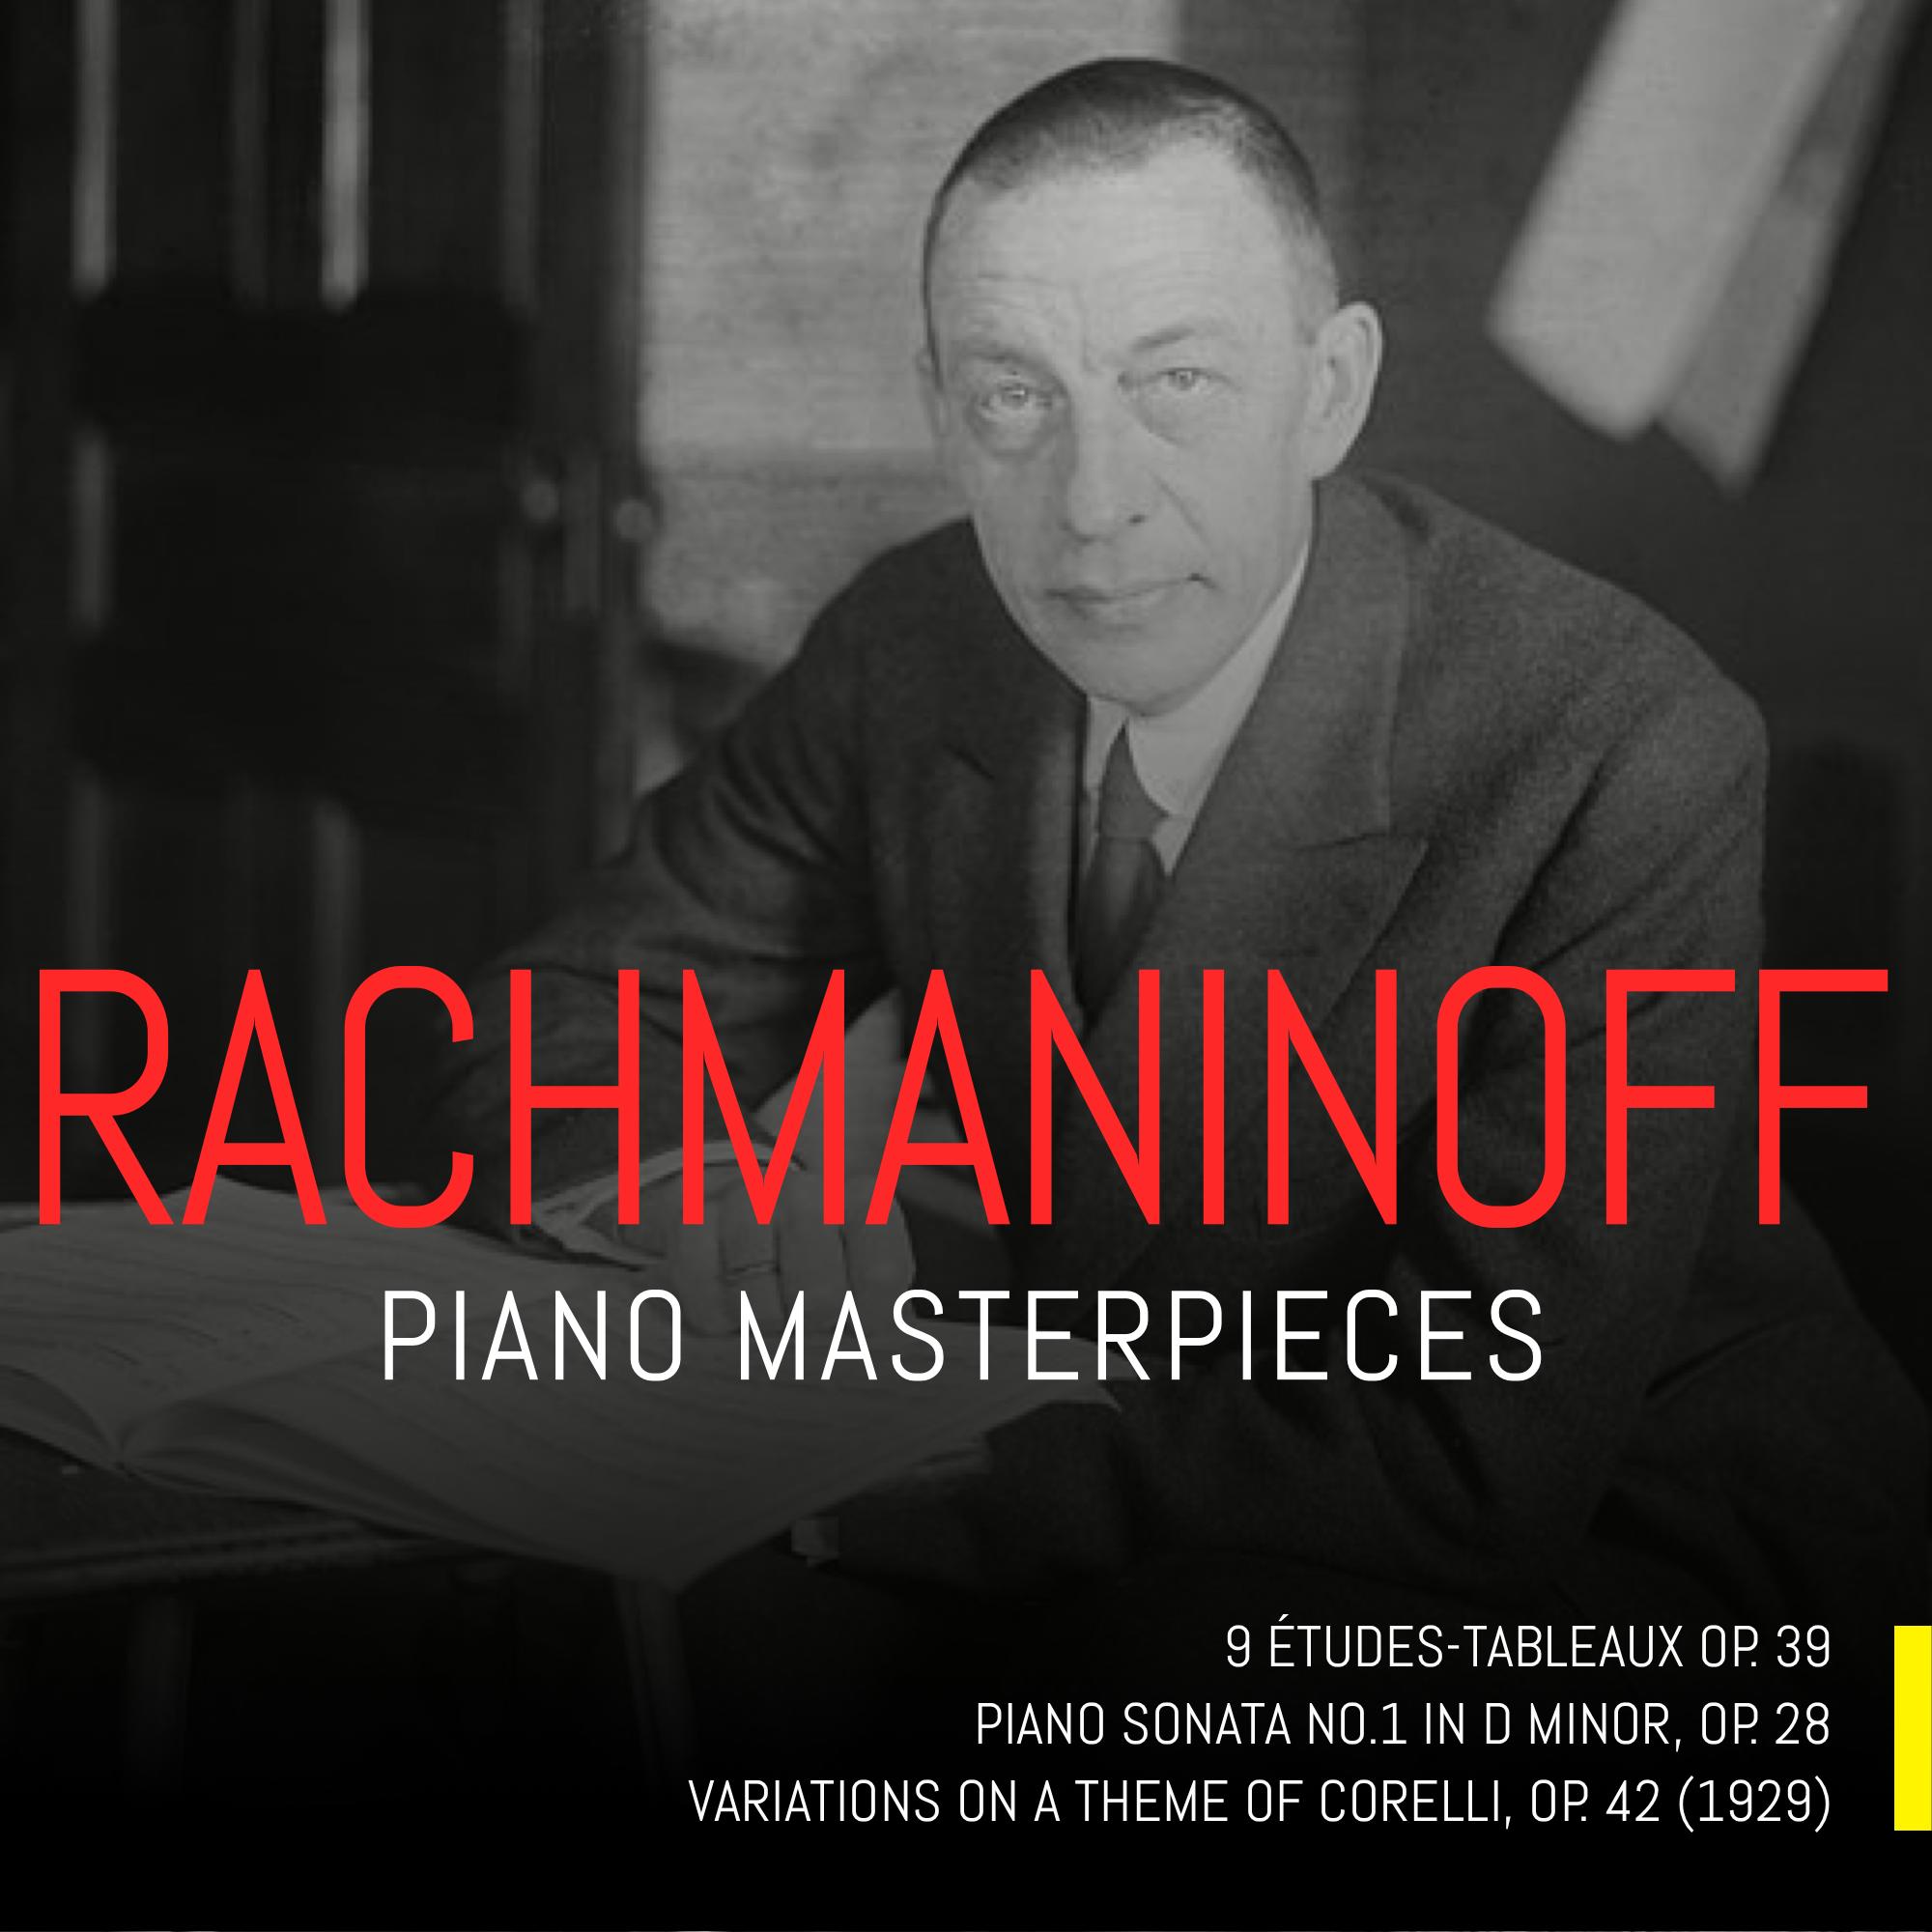 Rachmaninoff: Piano Masterpieces